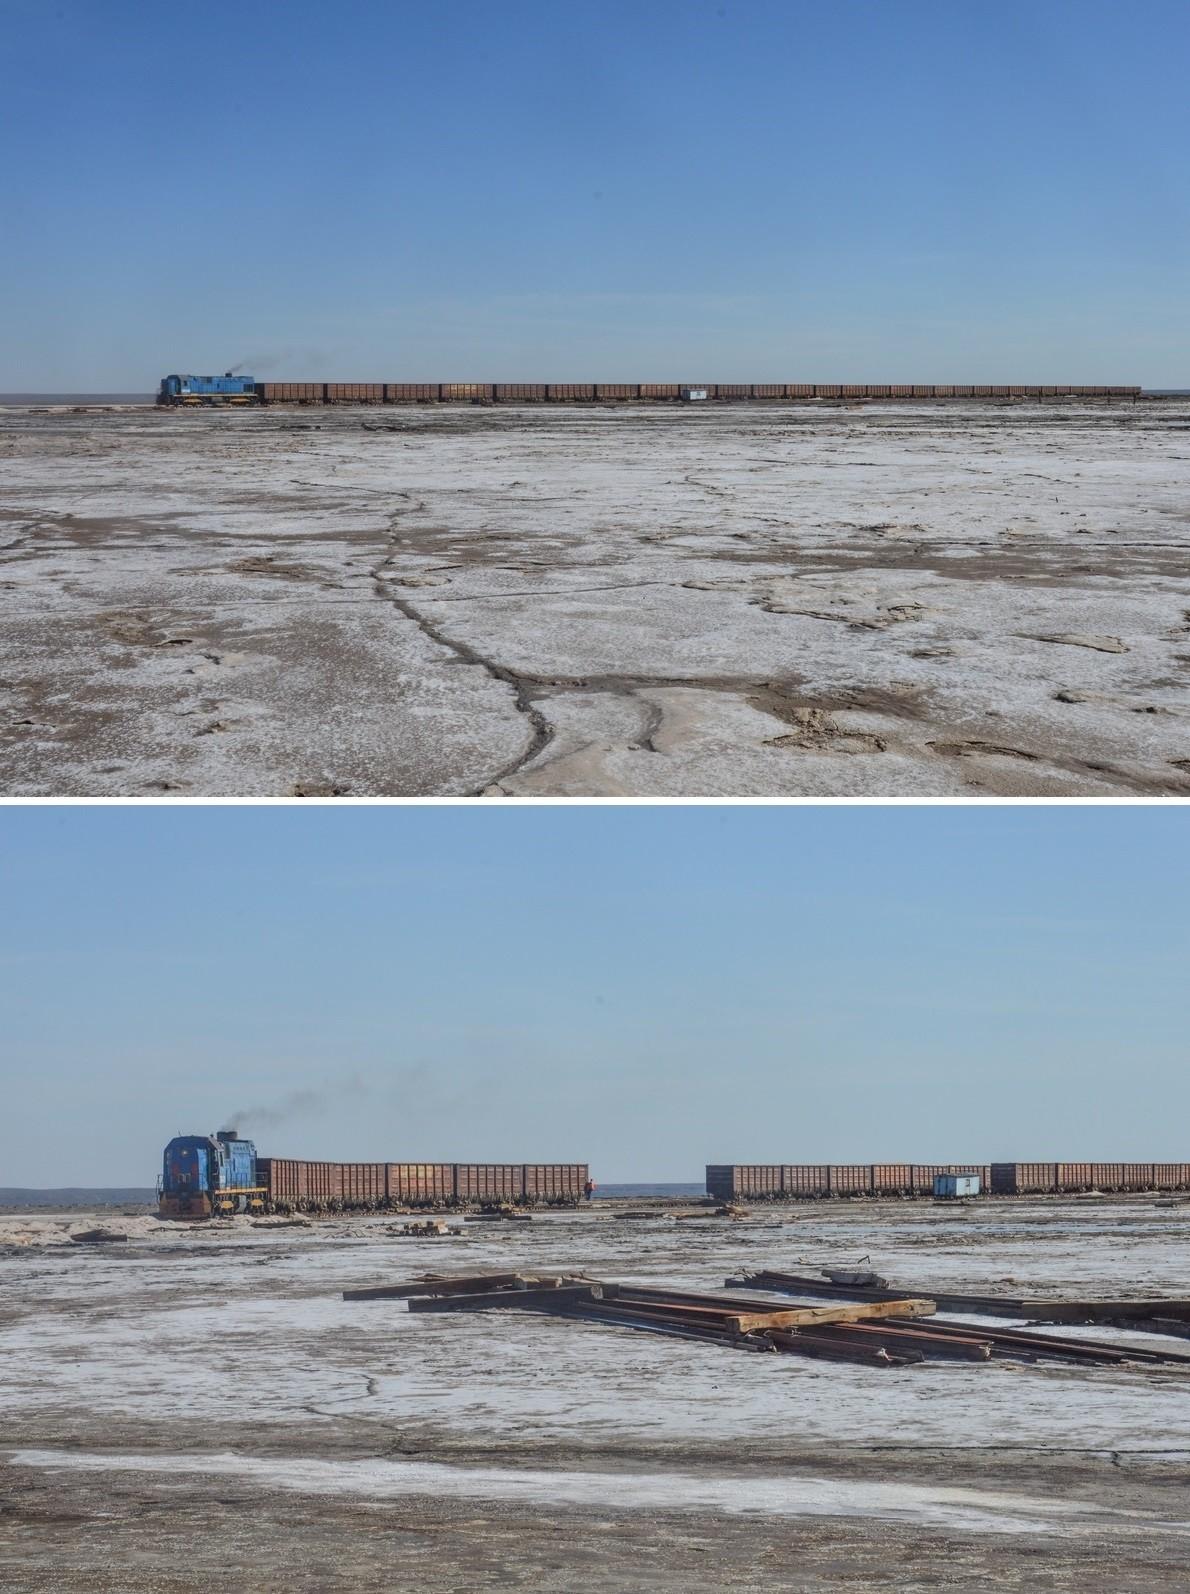 L'exploitation de cet or blanc aurait ici débuté au VIIIe siècle pour être acheminé le long de la légendaire route de la soie. Bien plus tard, durant l'ère soviétique, un chemin de fer sera construit à la surface du lac afin d'en faciliter le transport.